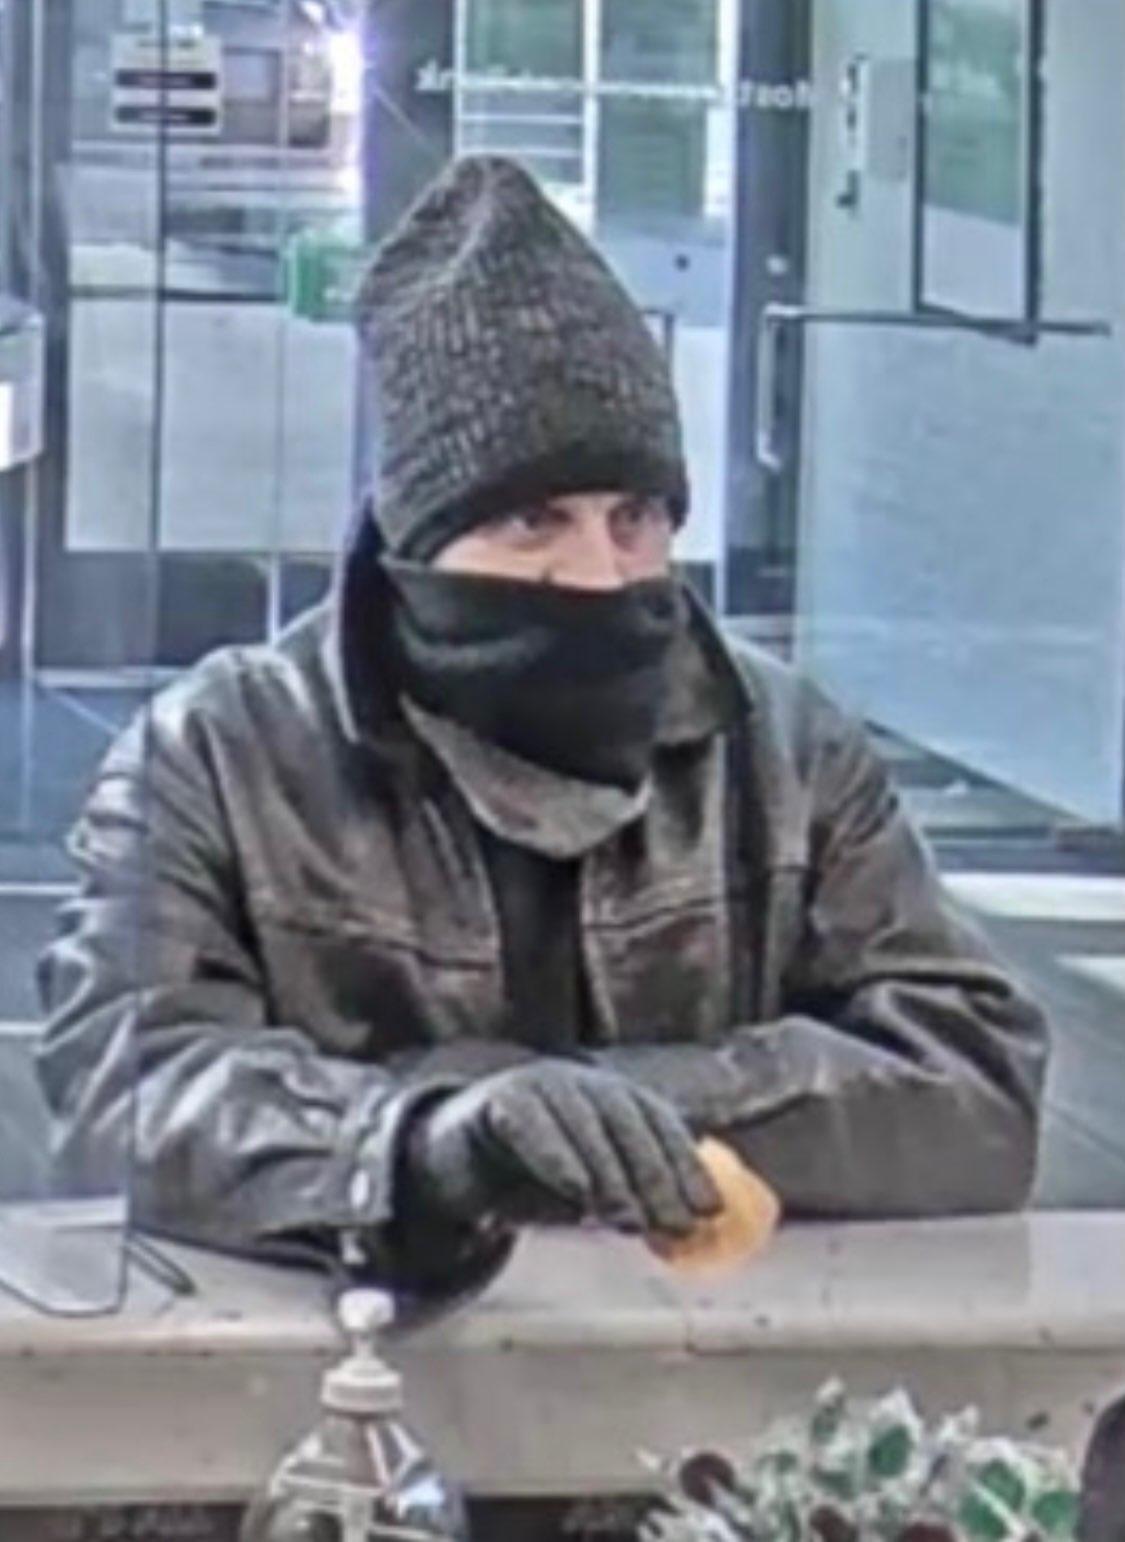 Robber photo 1